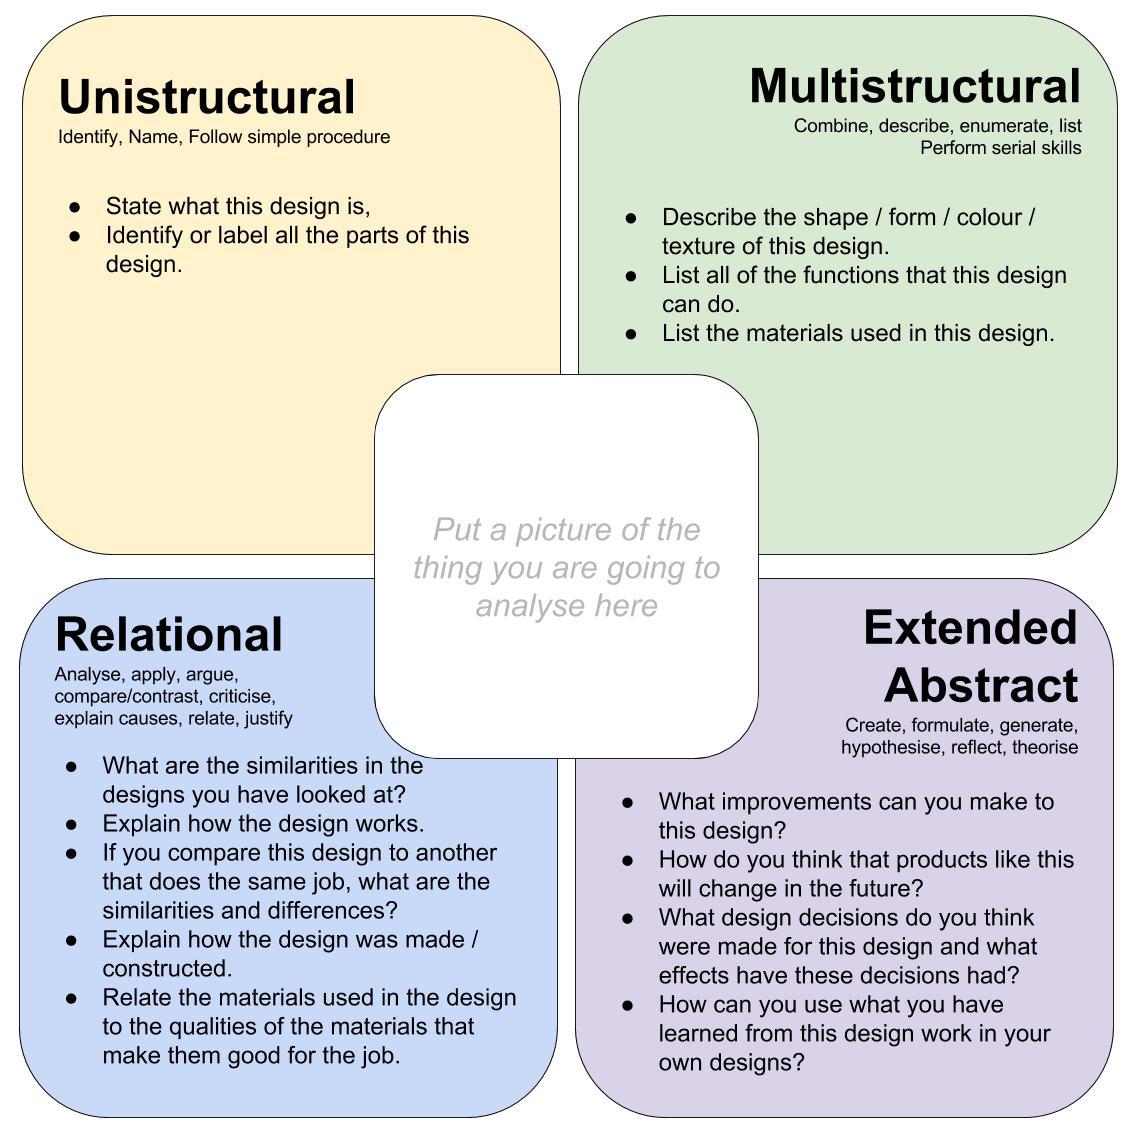 criticisms explained